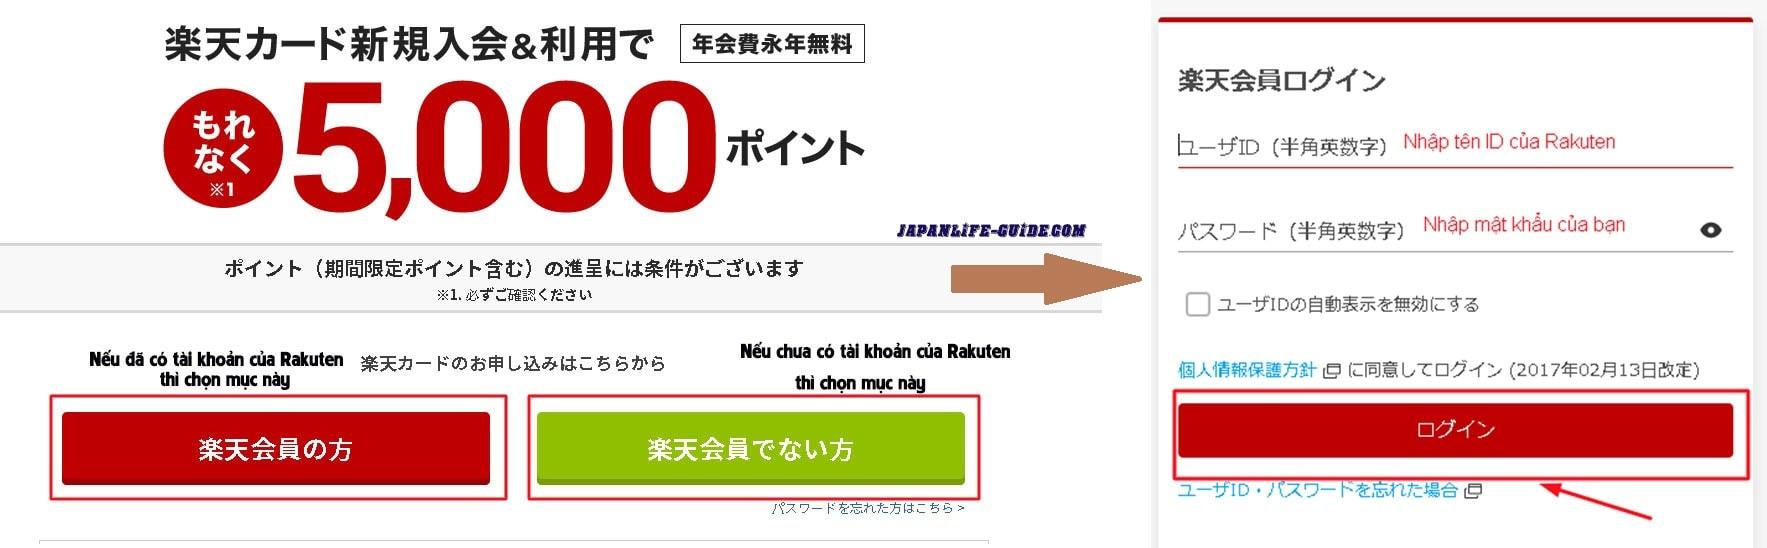 hướng dẫn đăng ký thẻ Rakuten ở Nhật